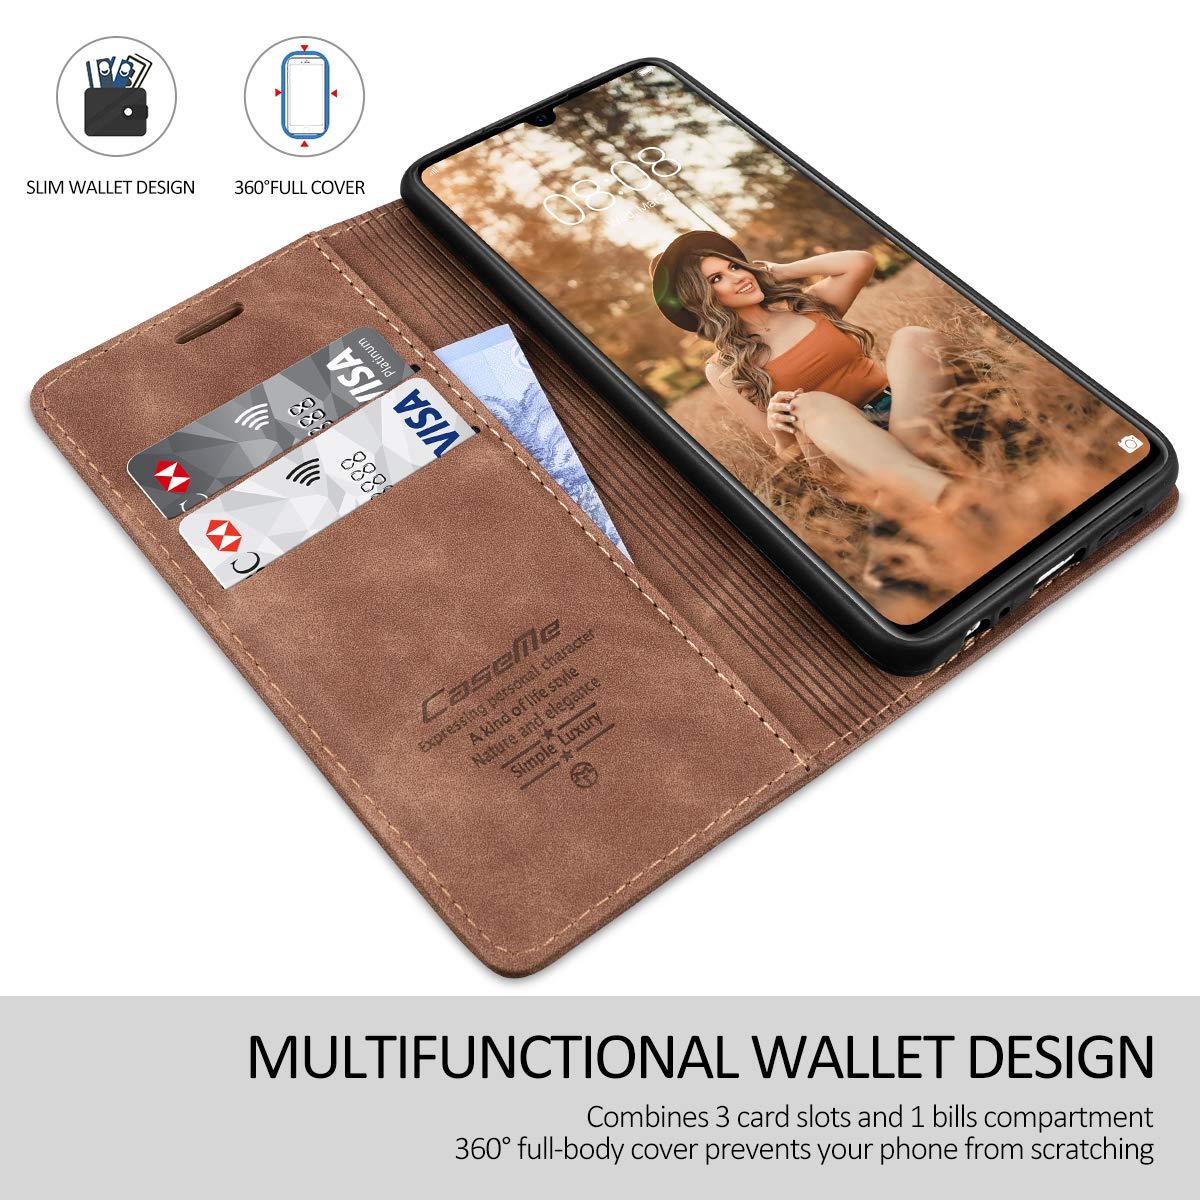 RuiPower para Funda Huawei P30 Lite Libro con Tapa Flip Folio Case de PU Cuero Silicona Soporte Plegable Ranuras Tarjetas y Billetera Magn/ético Carcasa Huawei P30 Lite Negro